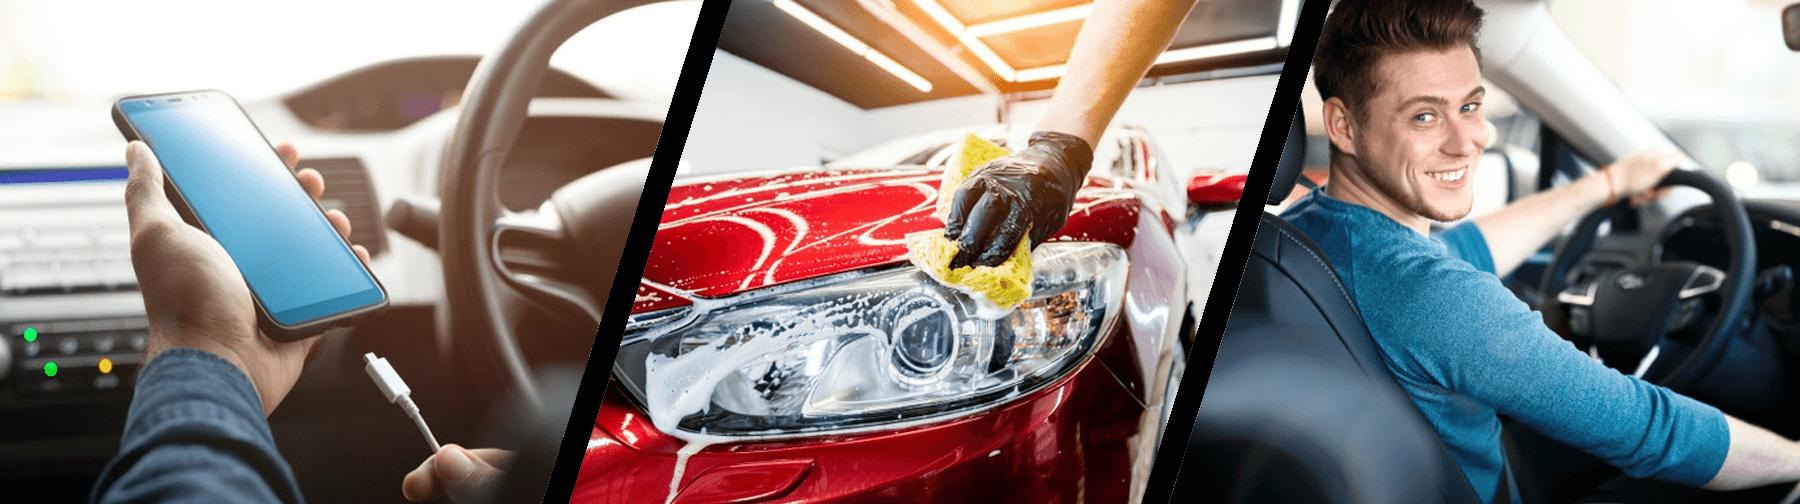 Accesorii pentru curățarea exterioară și interioară a mașinii, reparații auto, accesorii pentru un confort sporit la volanul mașinii sau a motocicletei